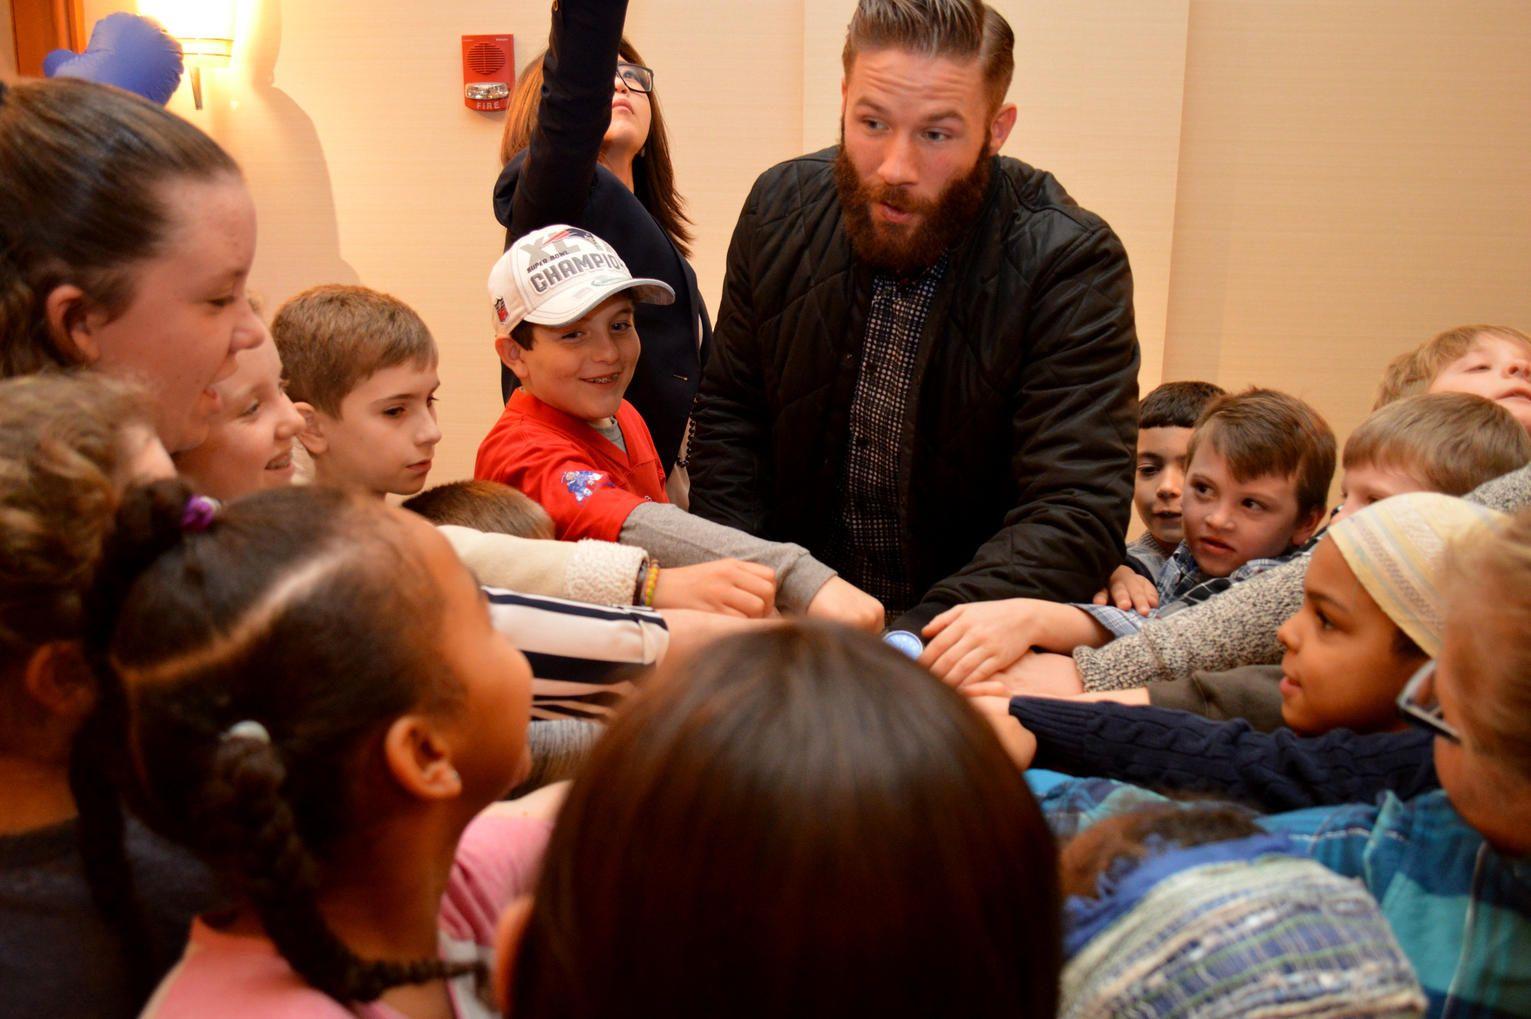 Julian Edelman Reads New Children S Book At Charity Event Julian Edelman New Children S Books Charity Event